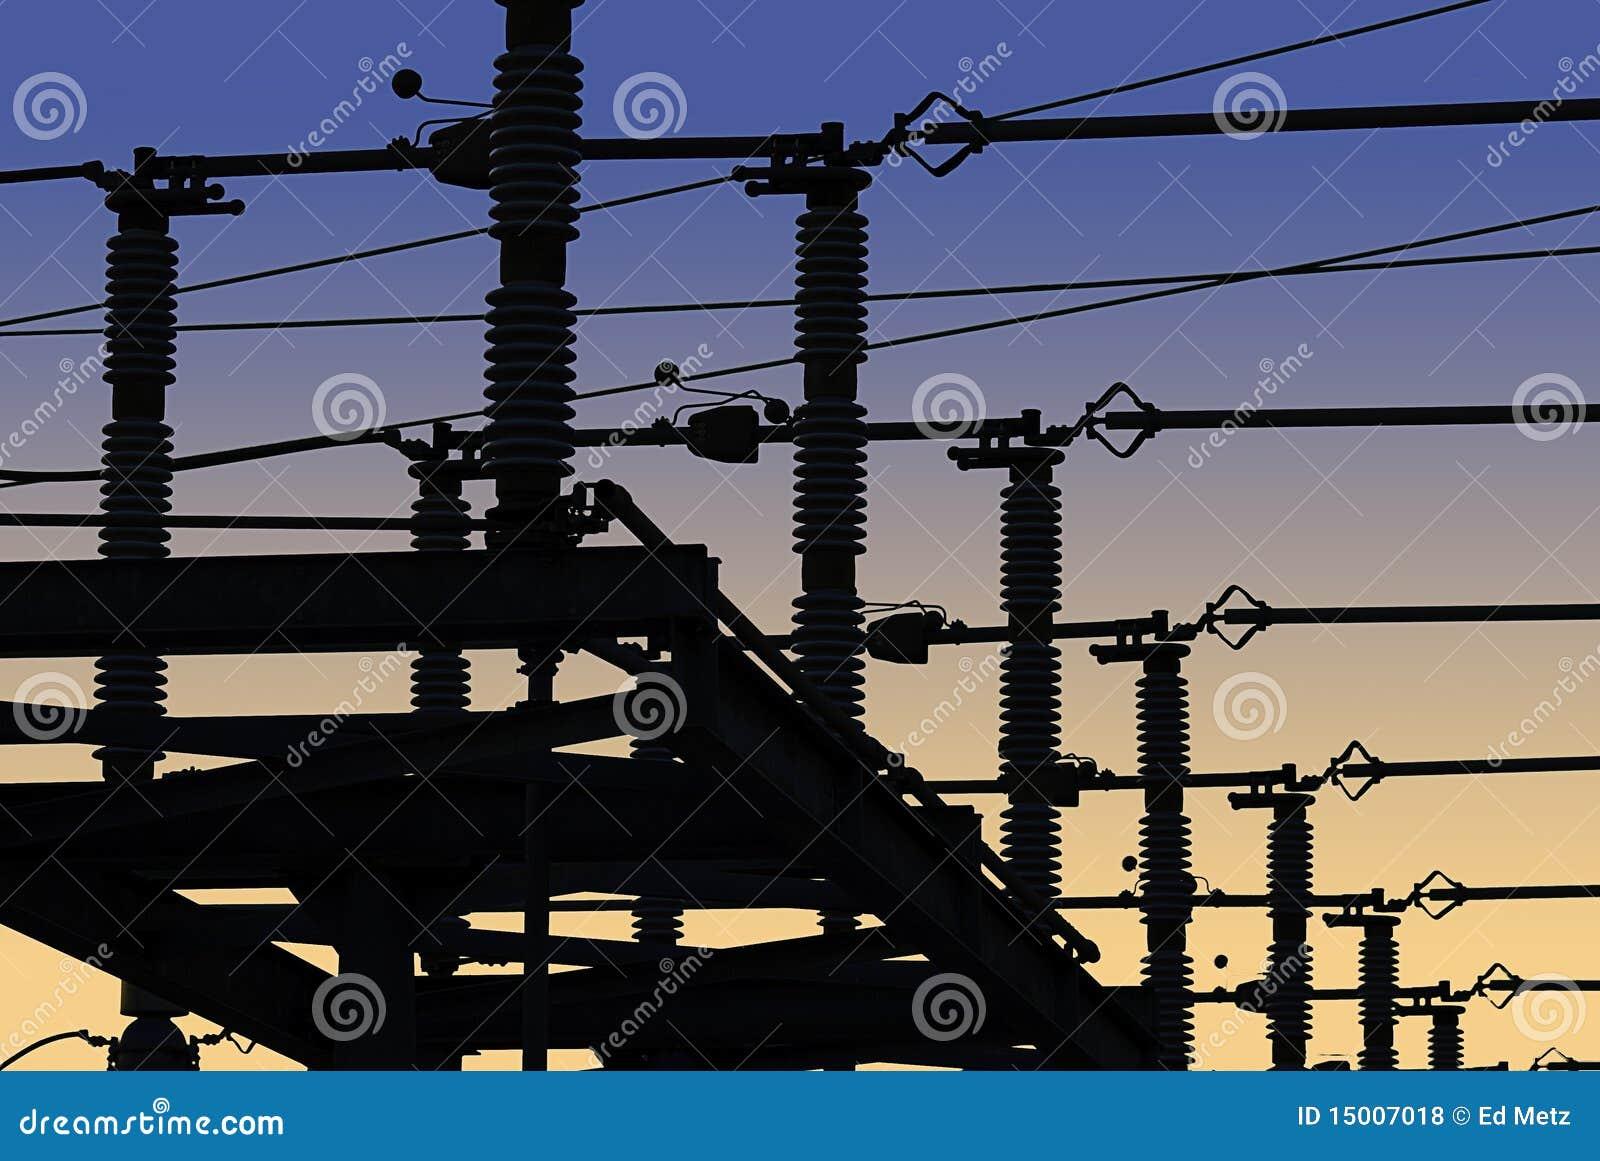 Red de la corriente eléctrica en silueta